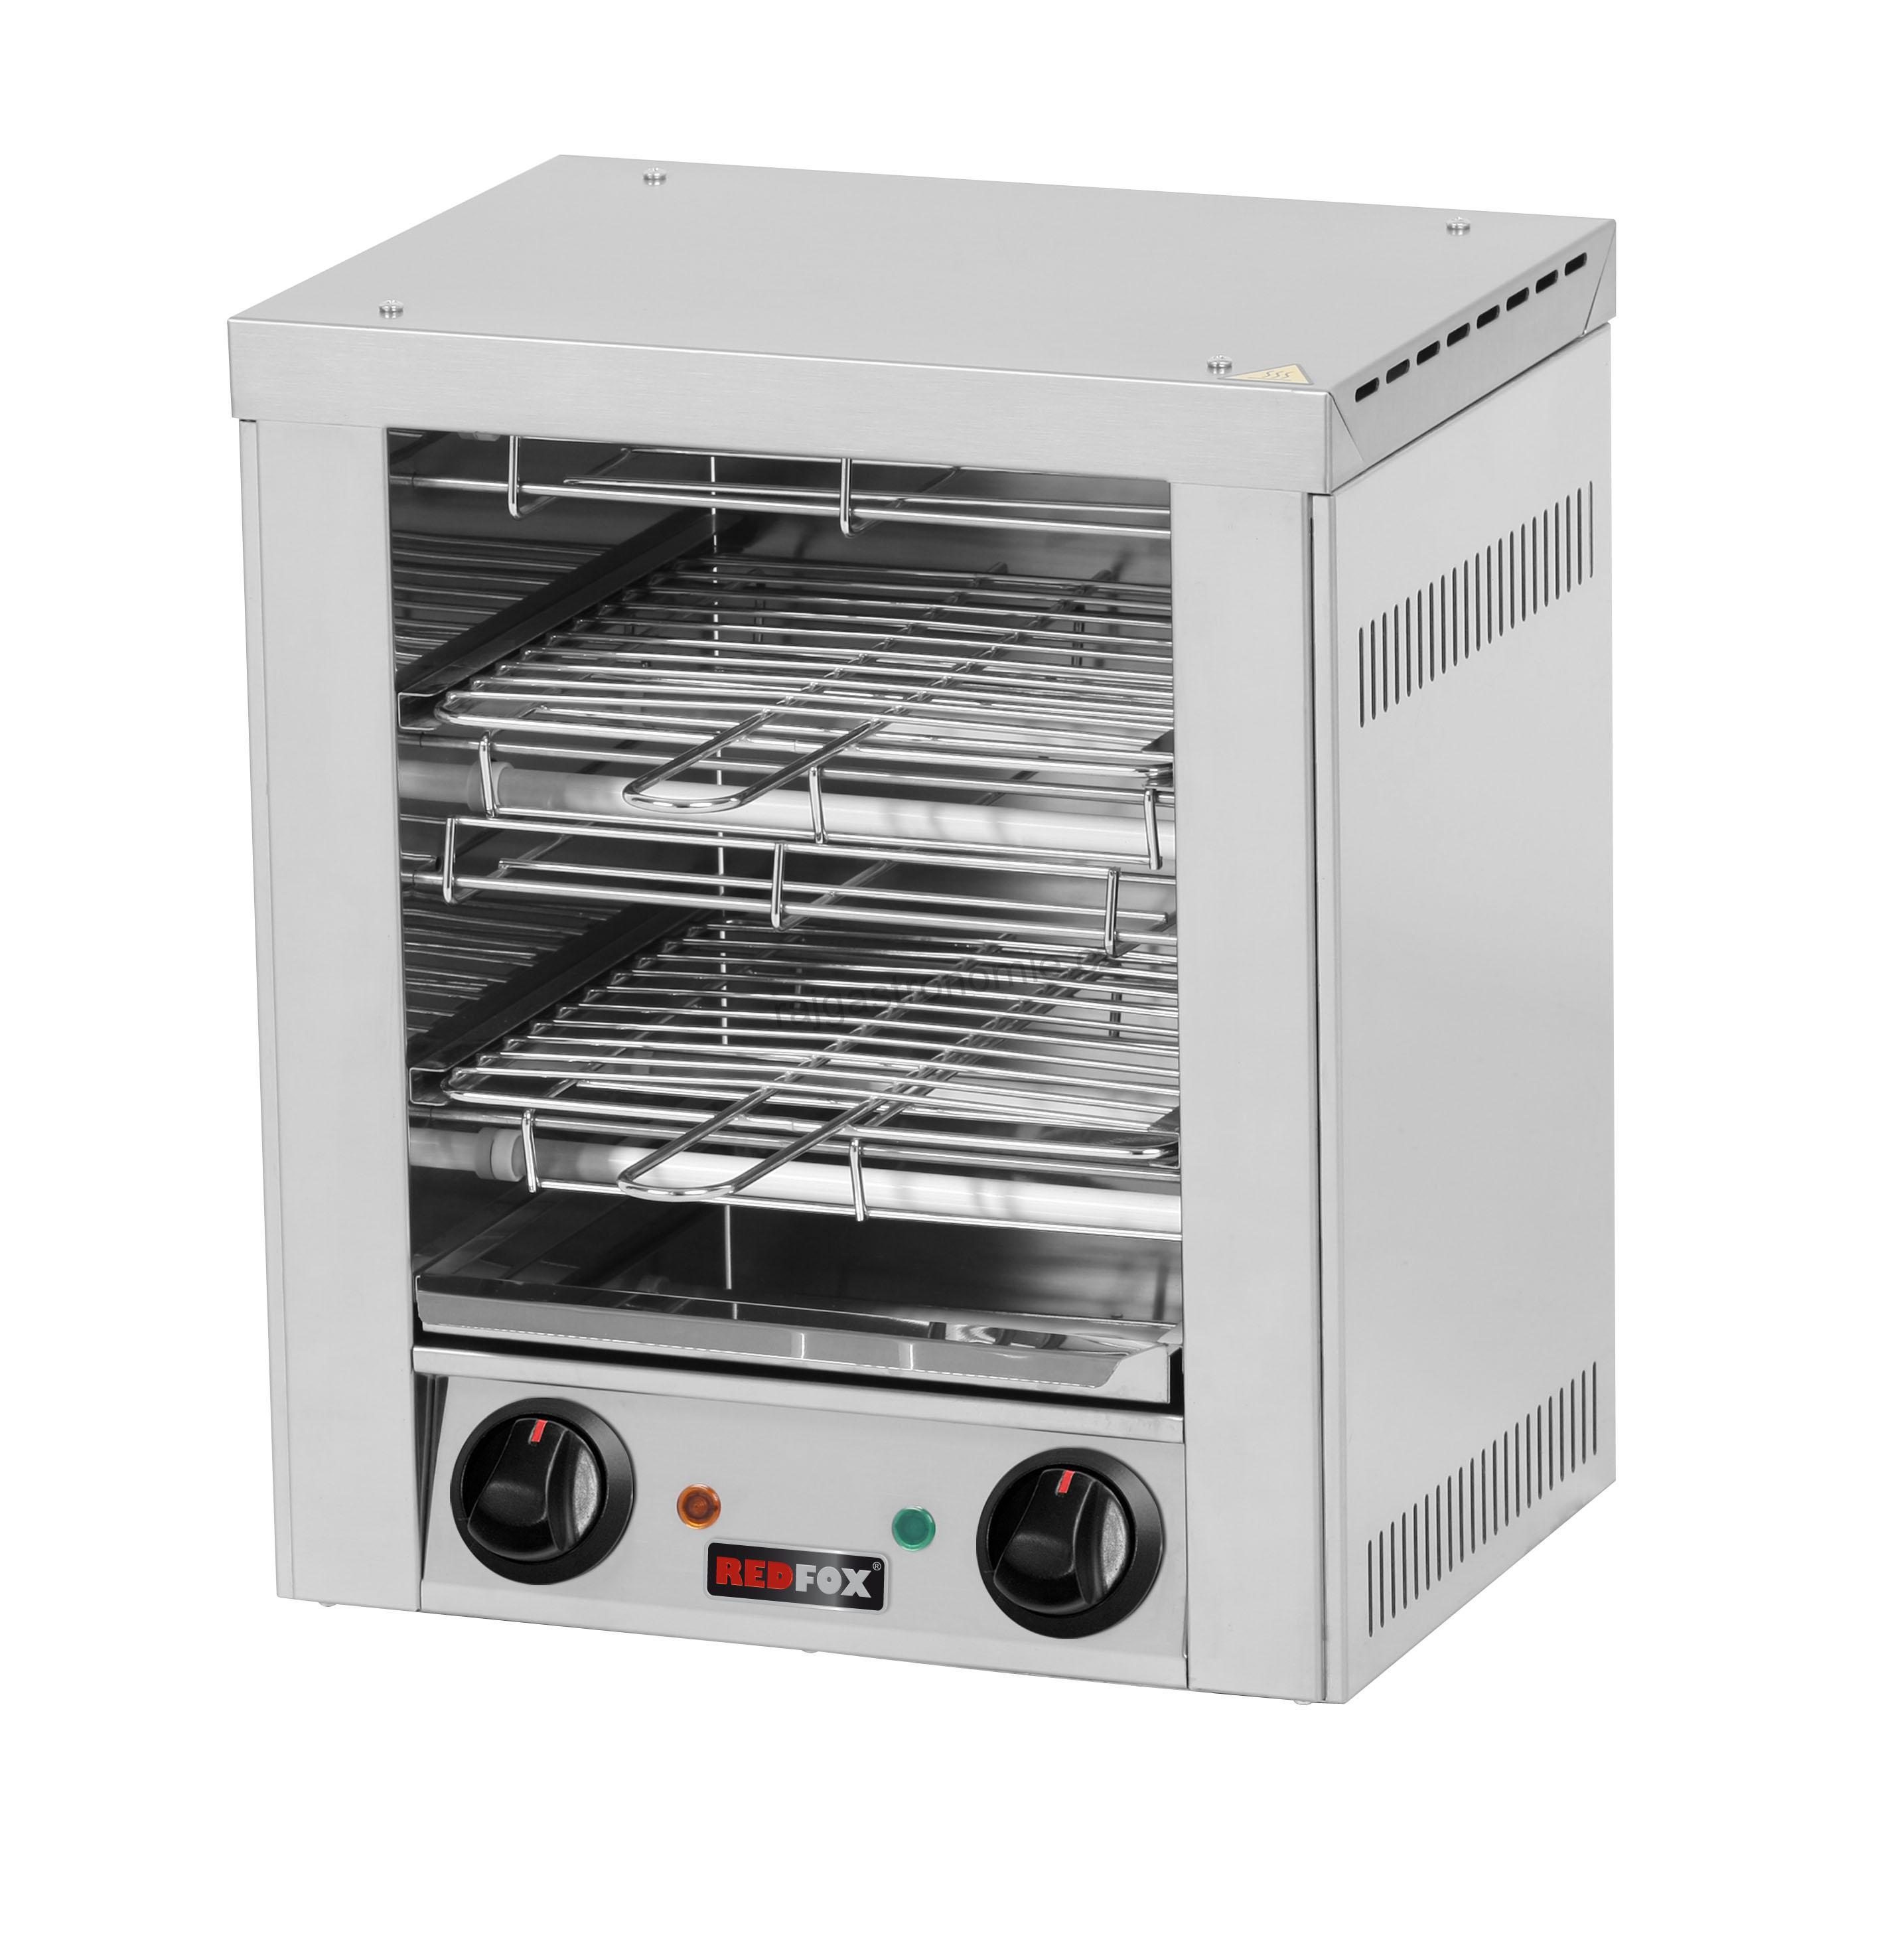 Toaster 4x kleště, rošt TO 940 GH